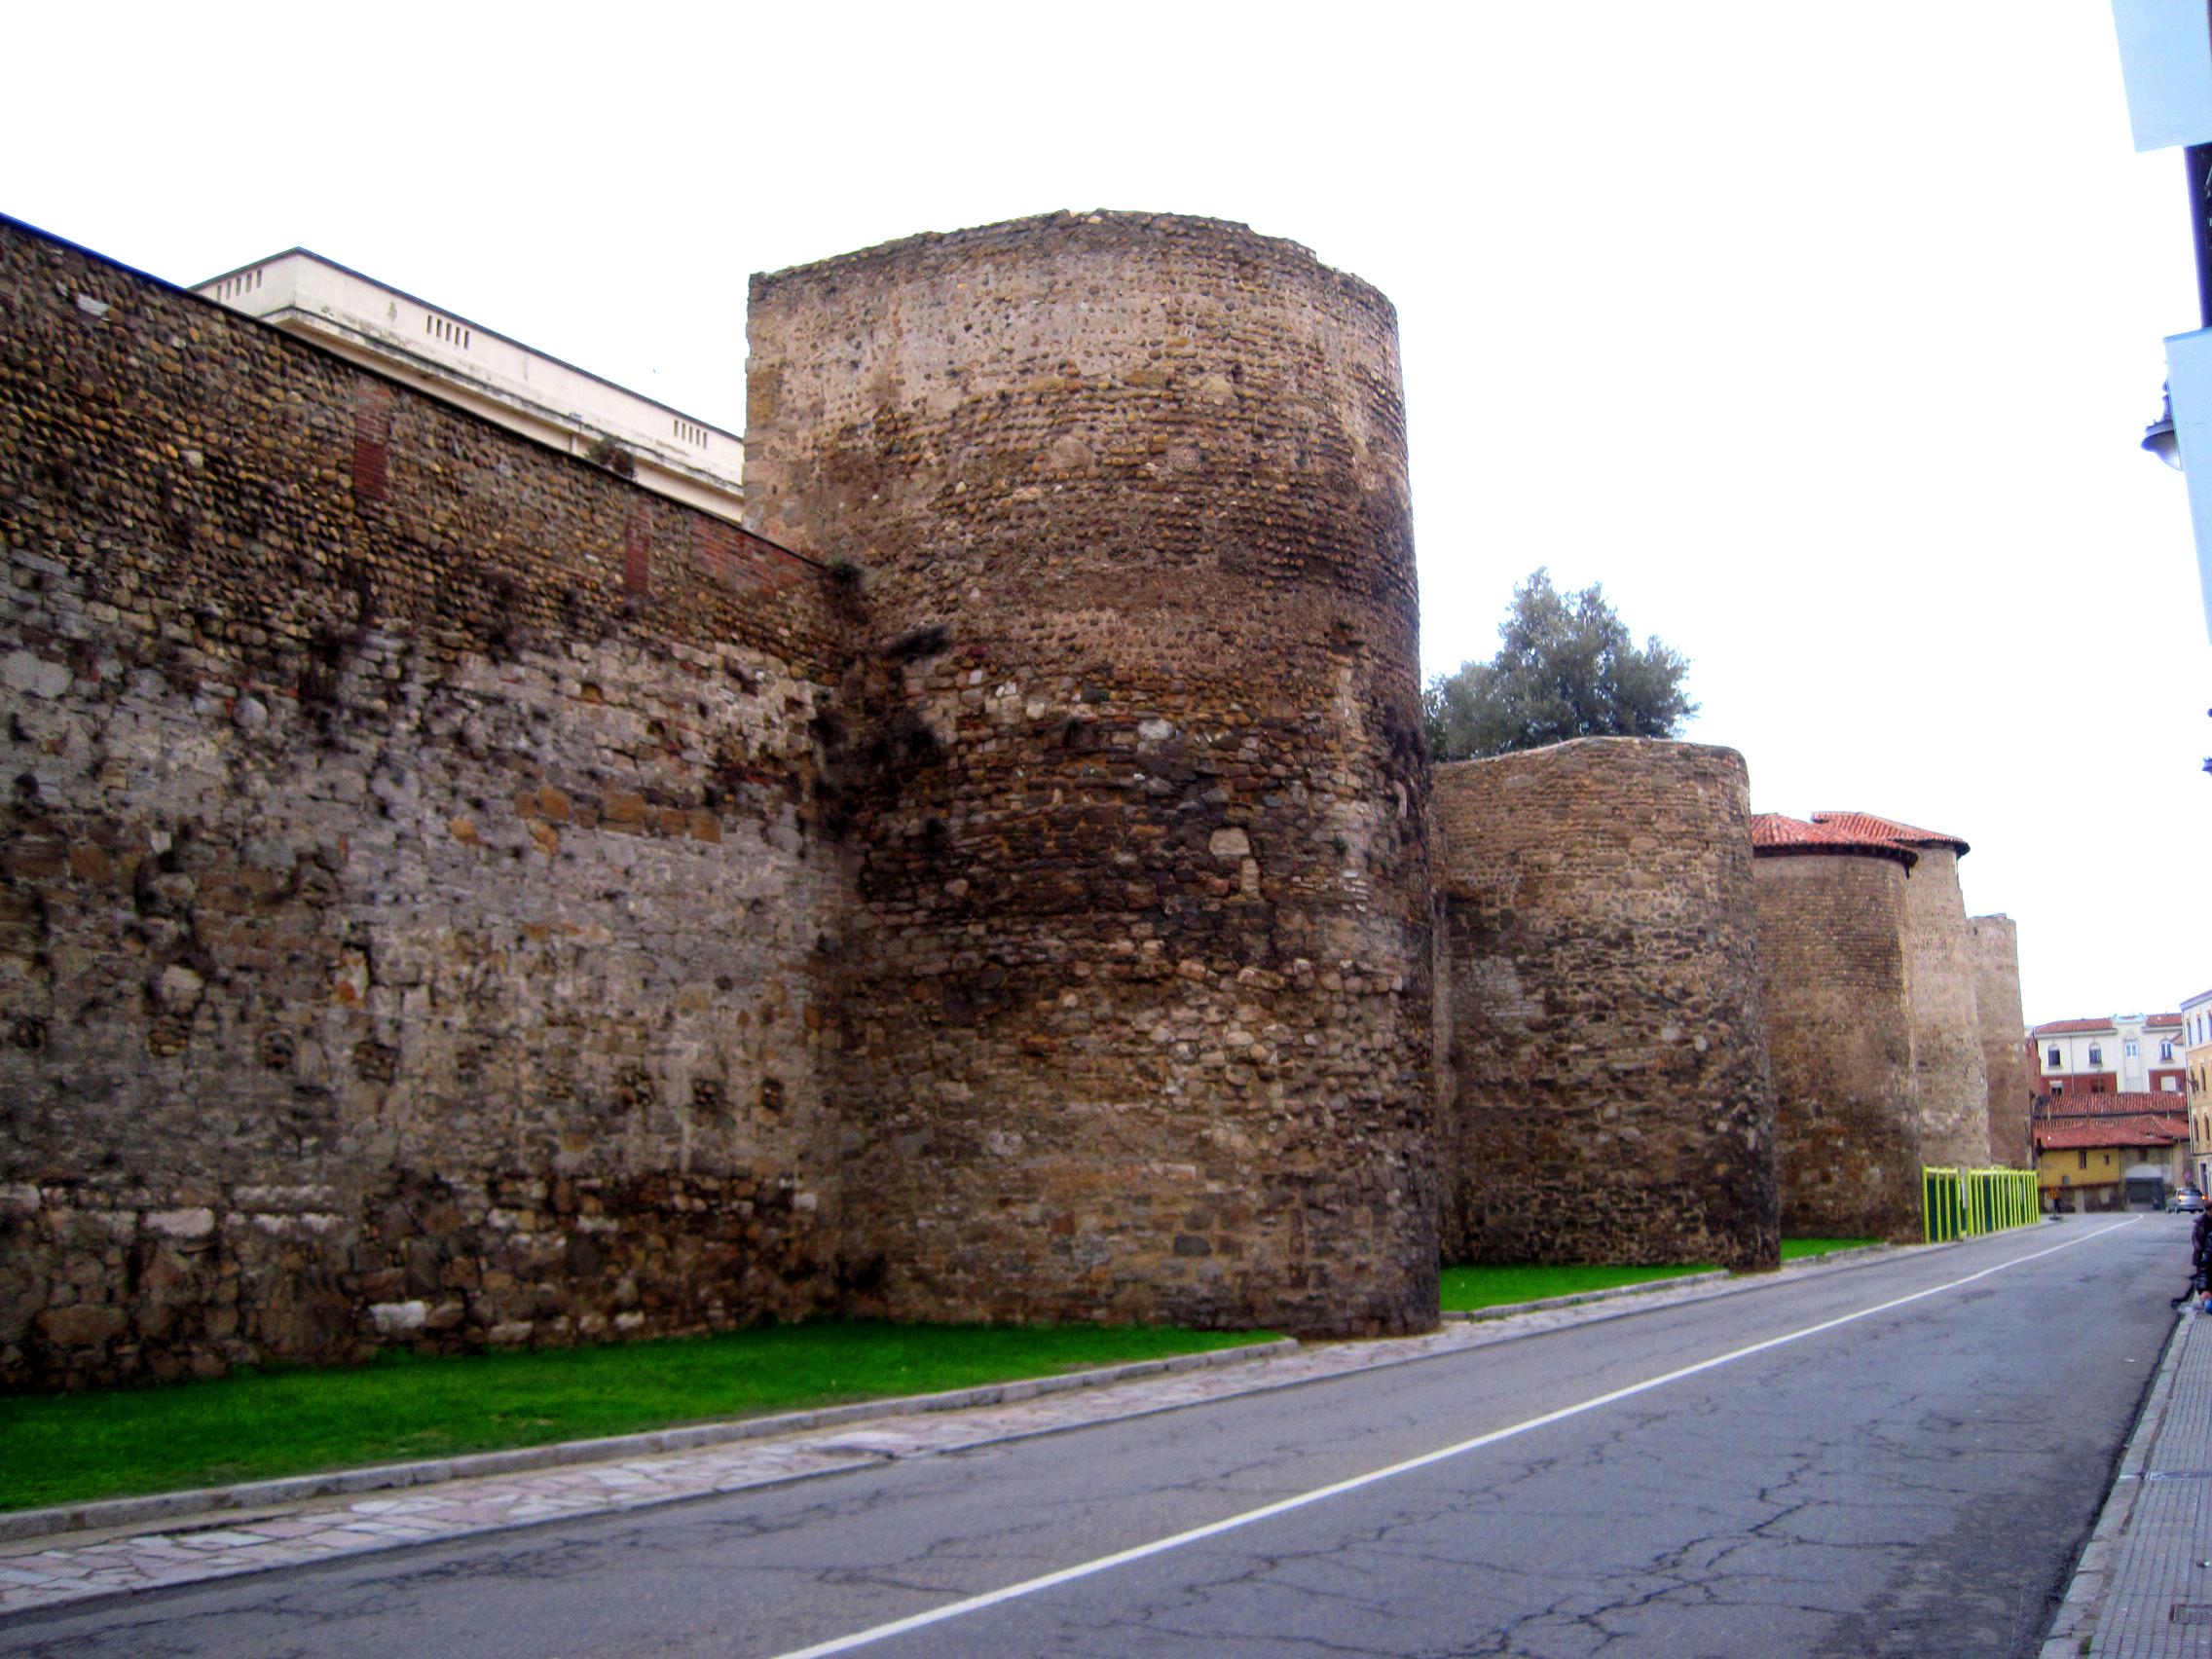 Murallas de León - Wikipedia, la enciclopedia libre